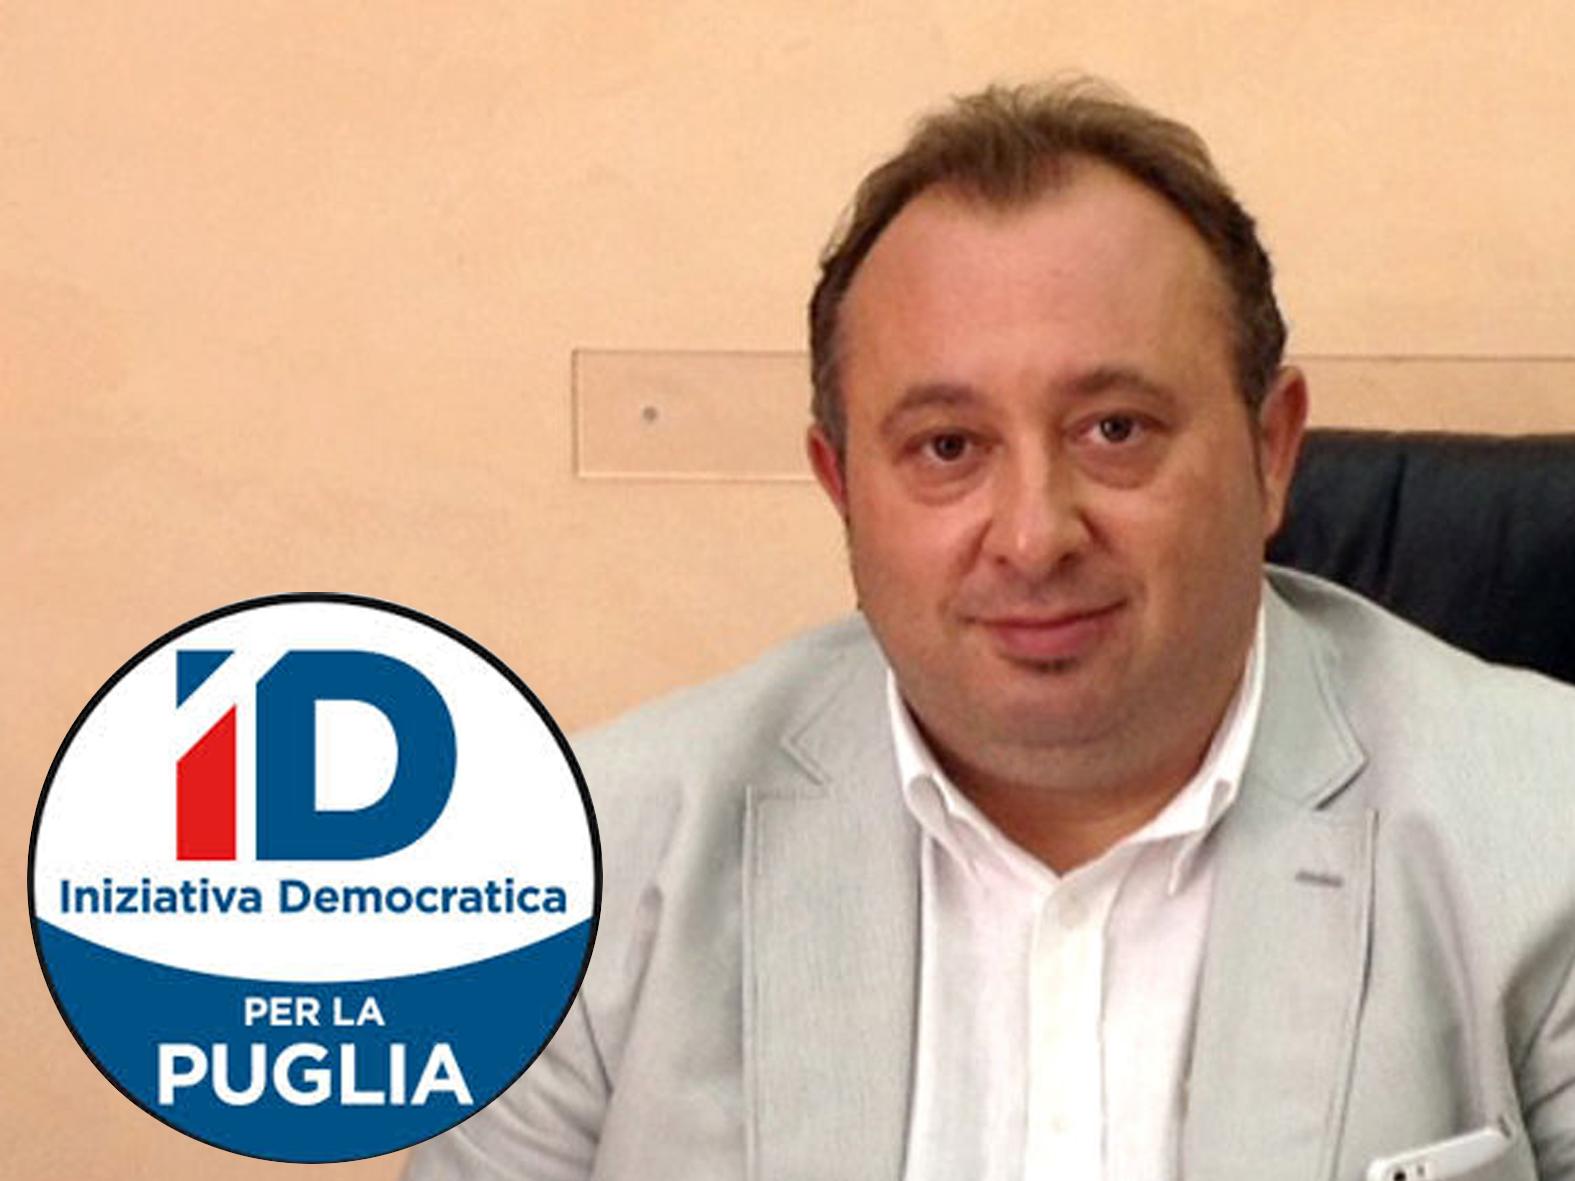 """Photo of Francesco Sderlenga: """"Una nuova agricoltura innovativa e sostenibile con la politica cittadina e regionale"""""""